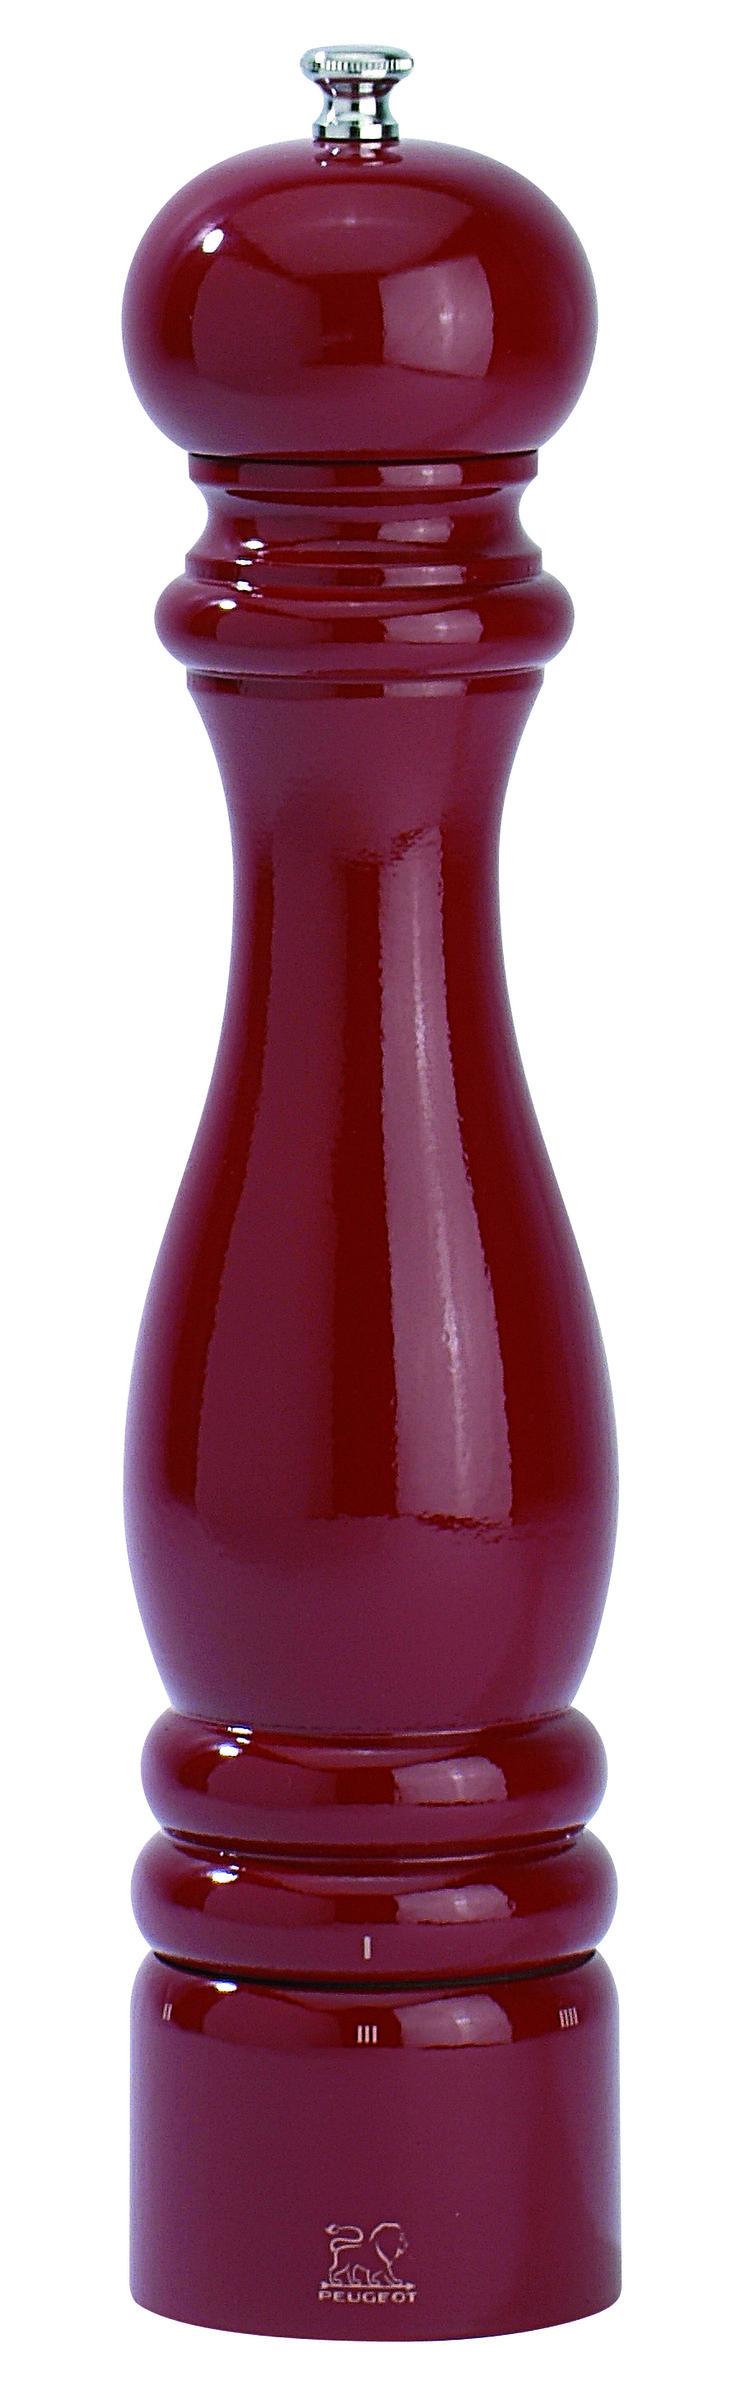 Peugeot Paris Salzmühle U Select rot lackiert 30,0cm | Salz-/Pfeffermühlen von Peugeot | Mühle und Streuer Salz/Pfeffer | Küchenhelfer | Alles für die Küche | WEITZ Shop